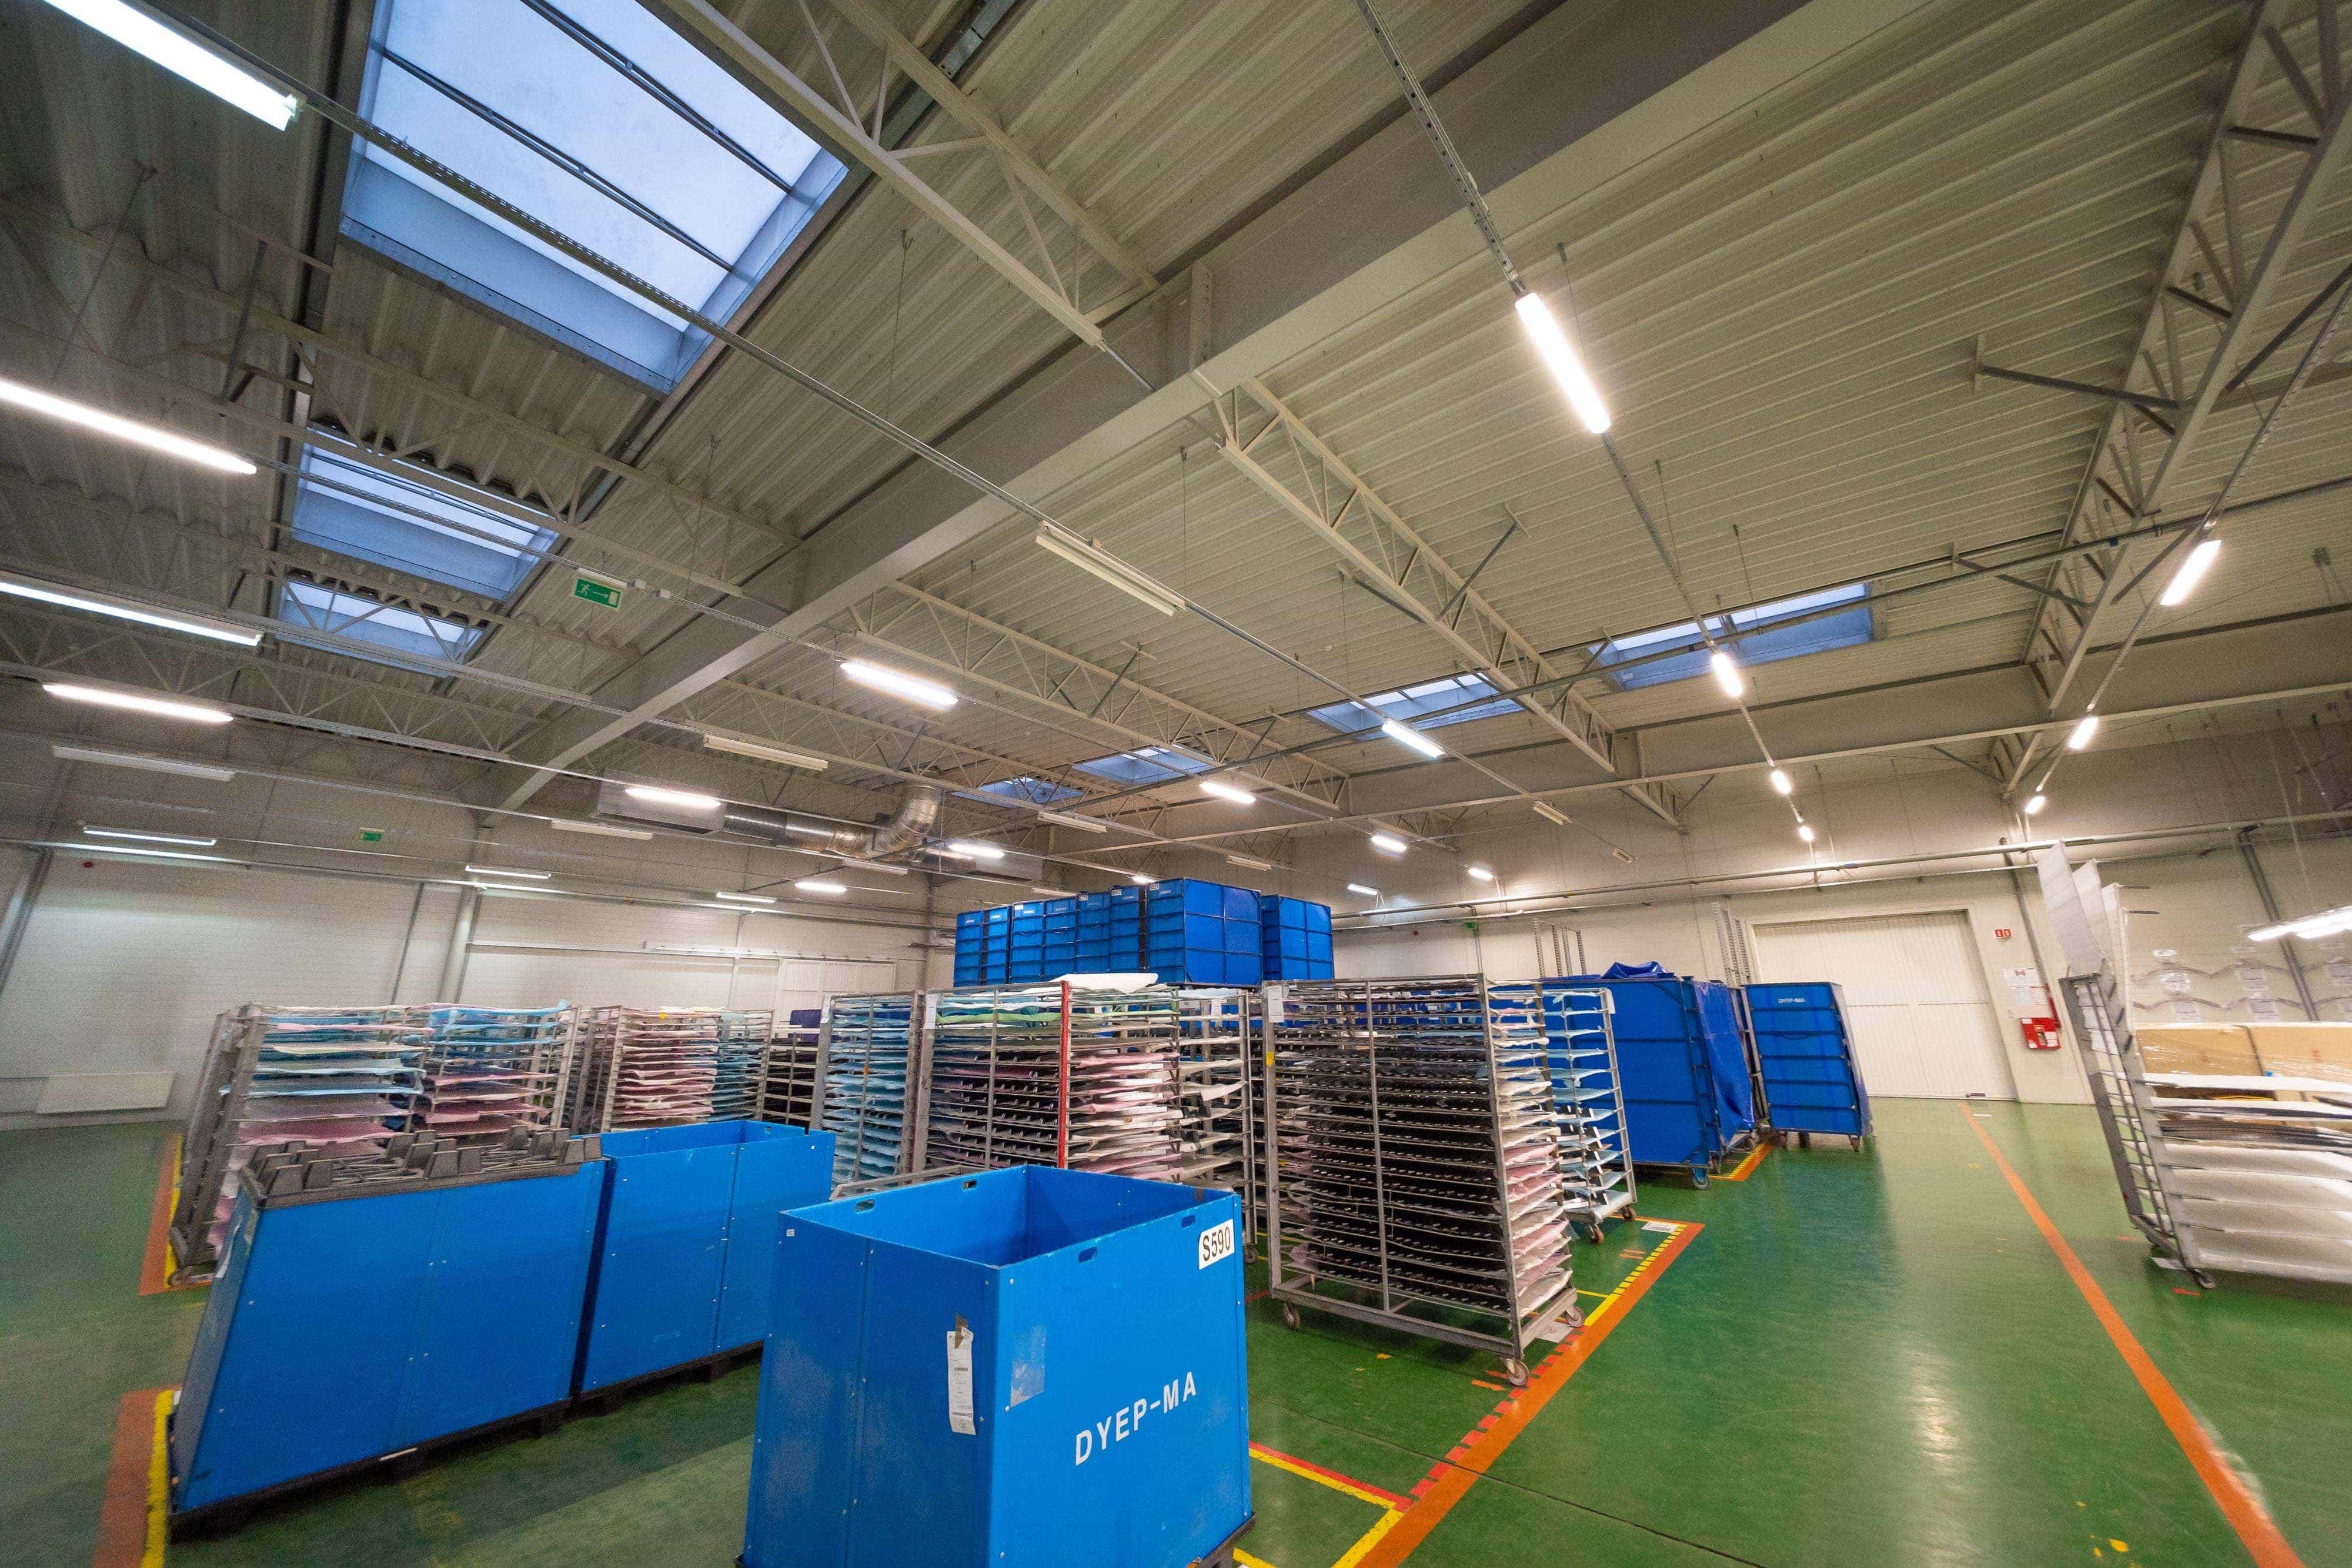 Zmodernizowany magazyn firmy LG Electronics z oprawami Industrial - Luxon LED